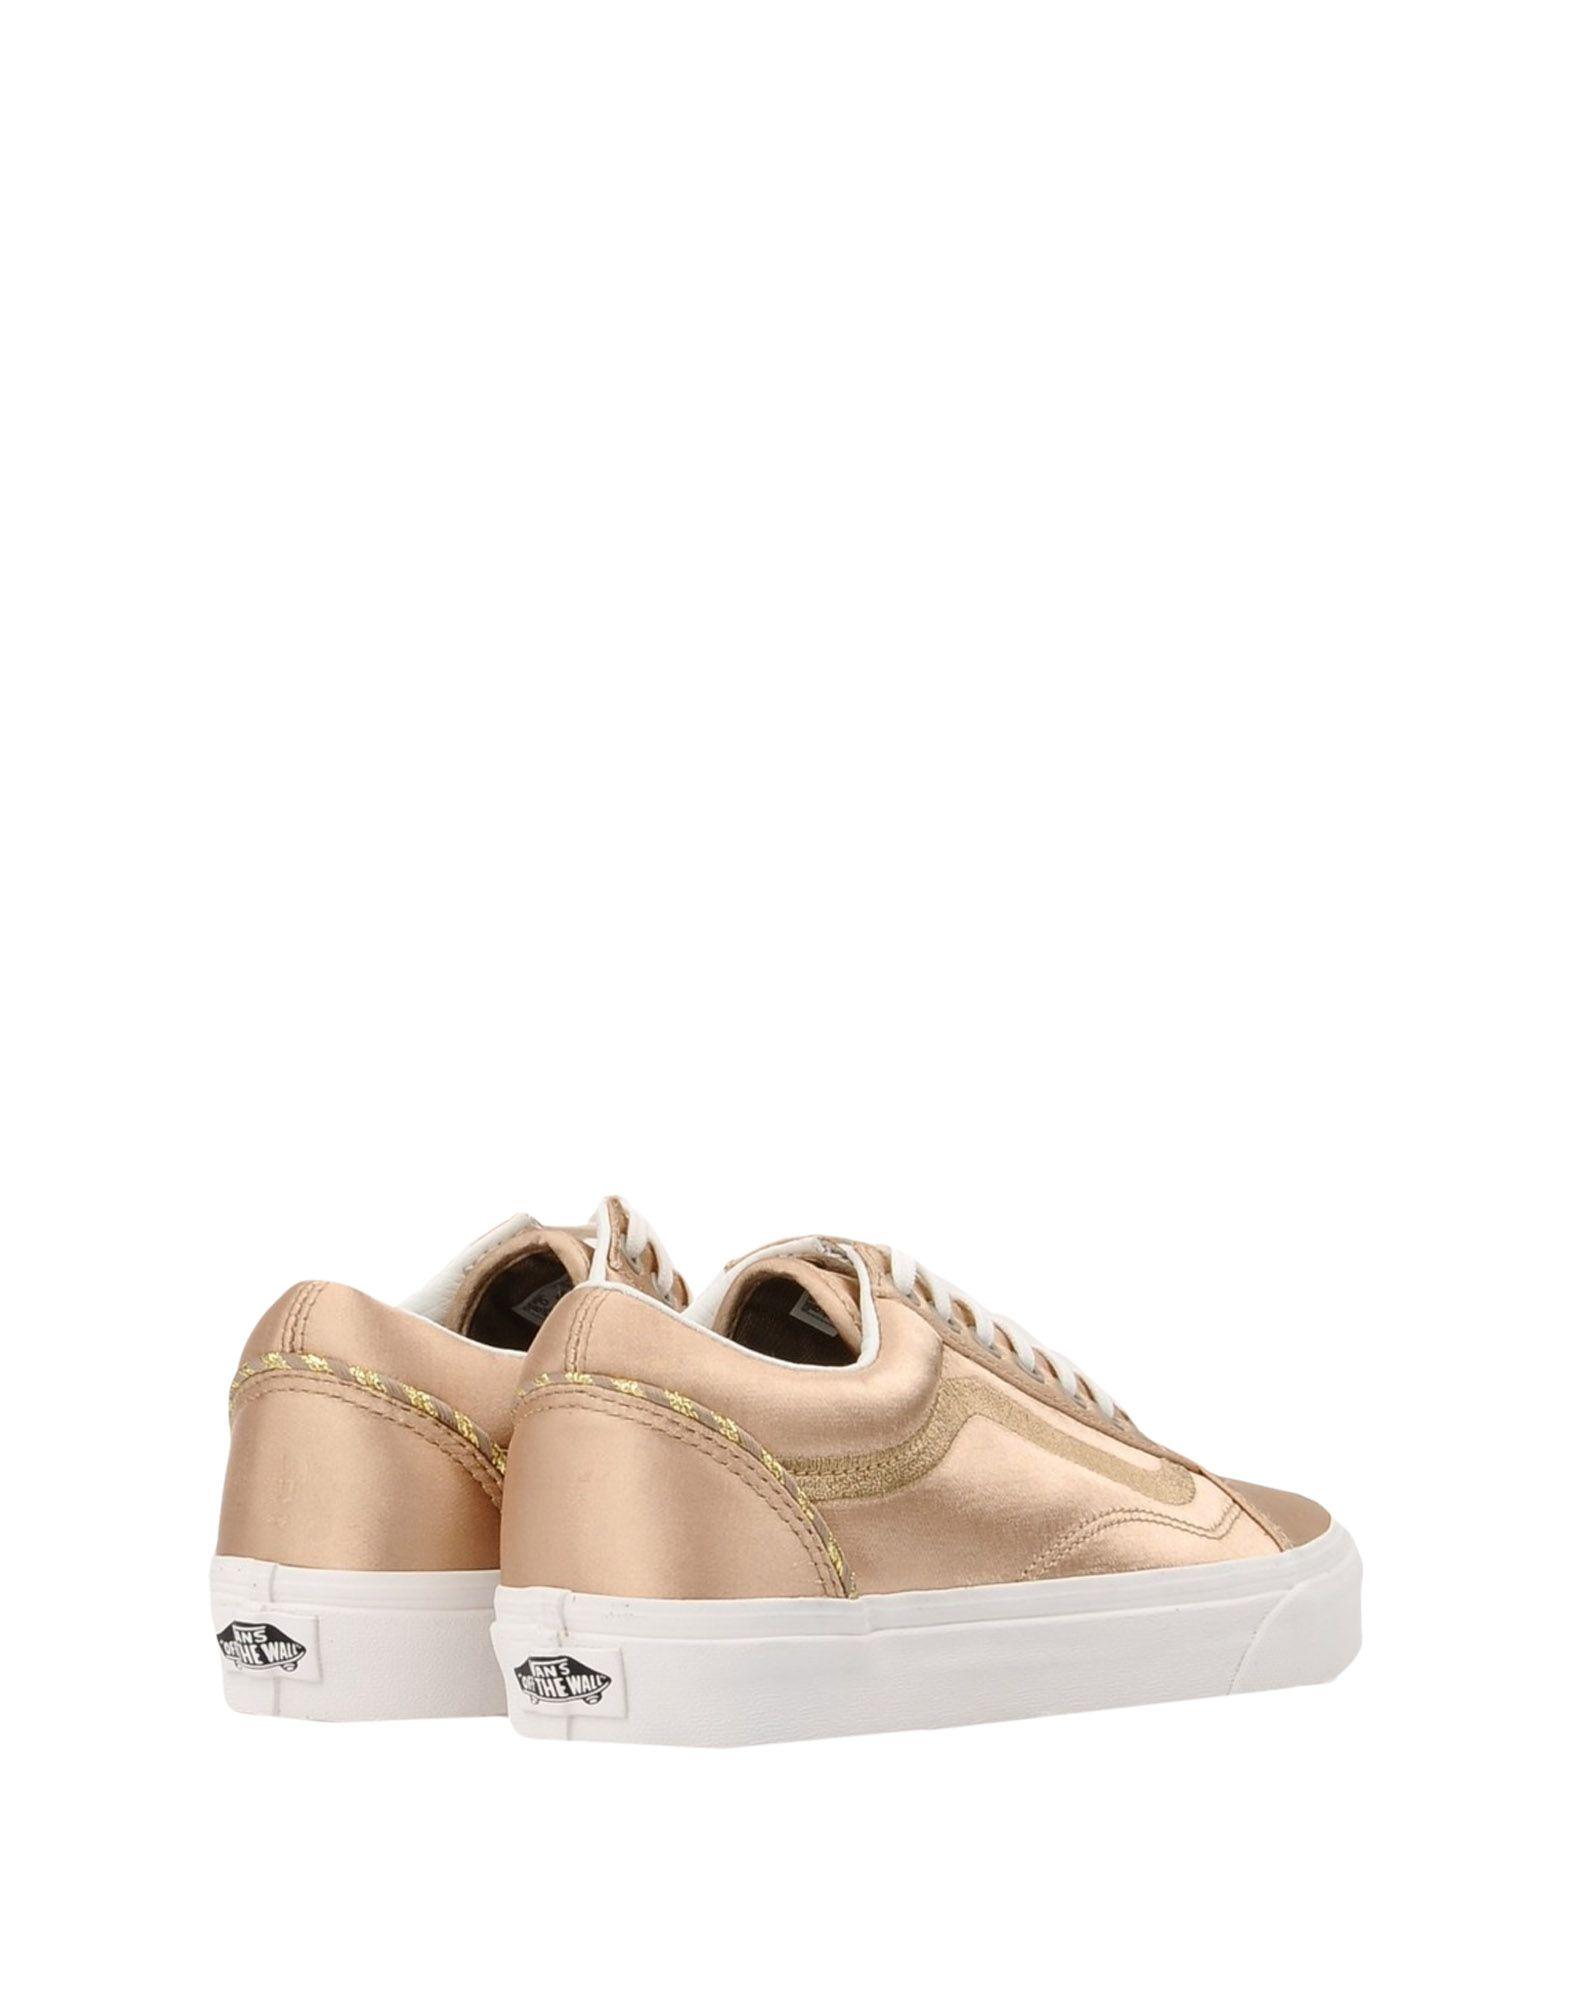 Sneakers Vans Ua Old Skool Dx California Souvenirs - Femme - Sneakers Vans sur